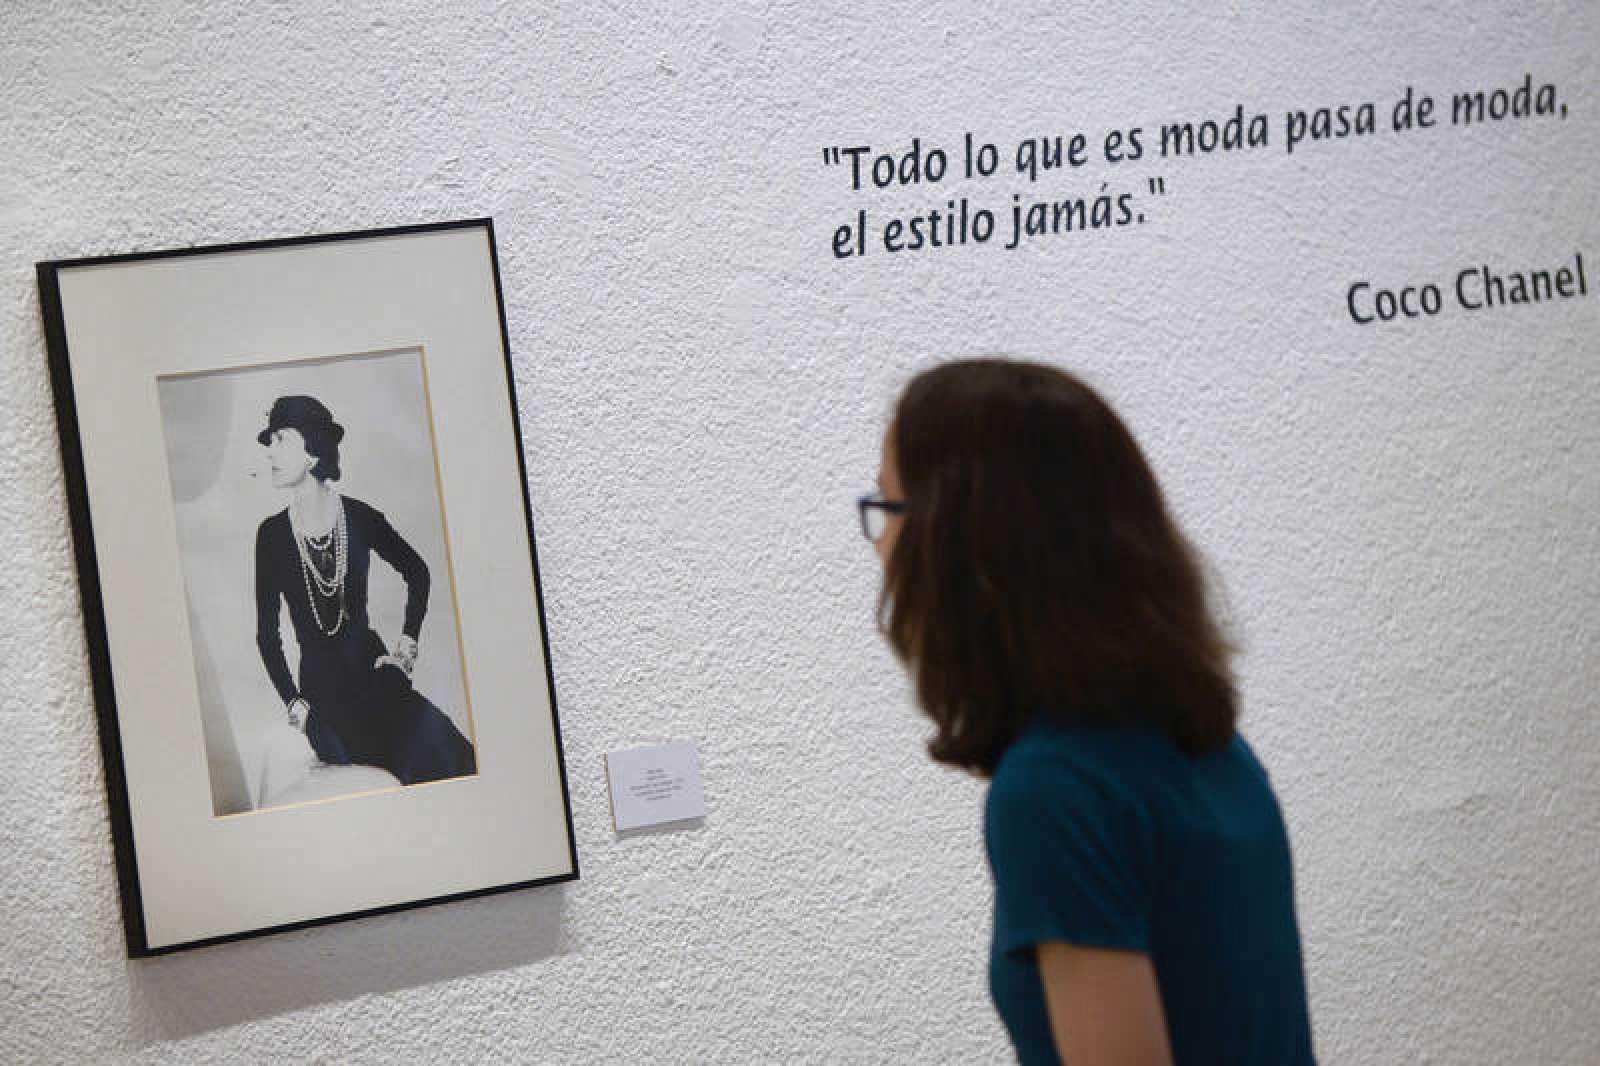 Una mujer observa en una exposición un retrato de Coco Chanel realizado por el fotógrafo Man Ray.